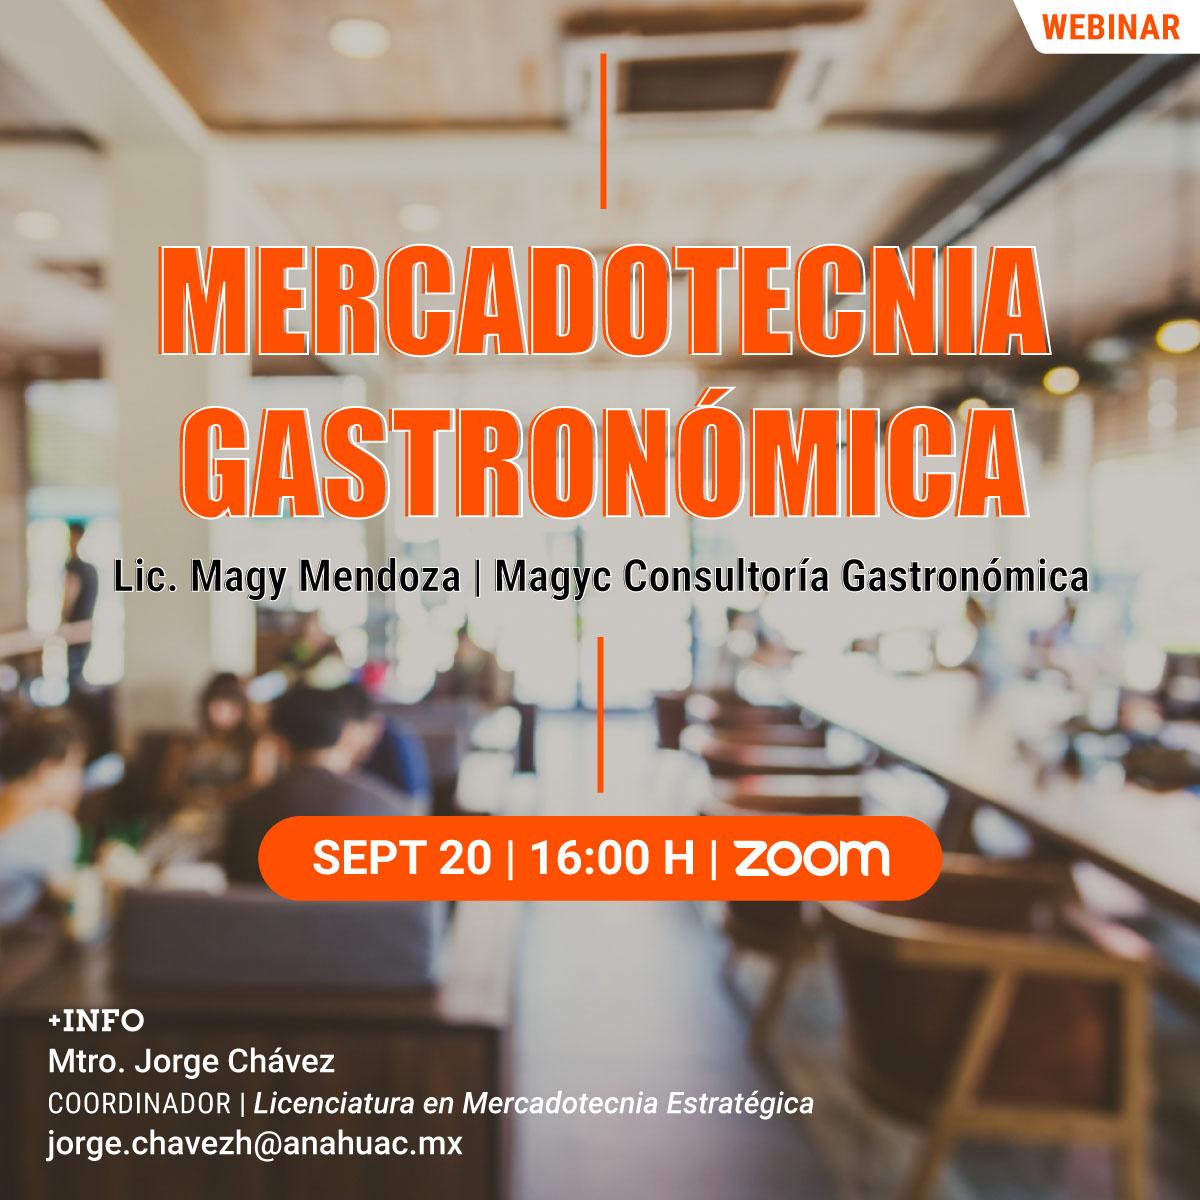 Mercadotecnia Gastronómica